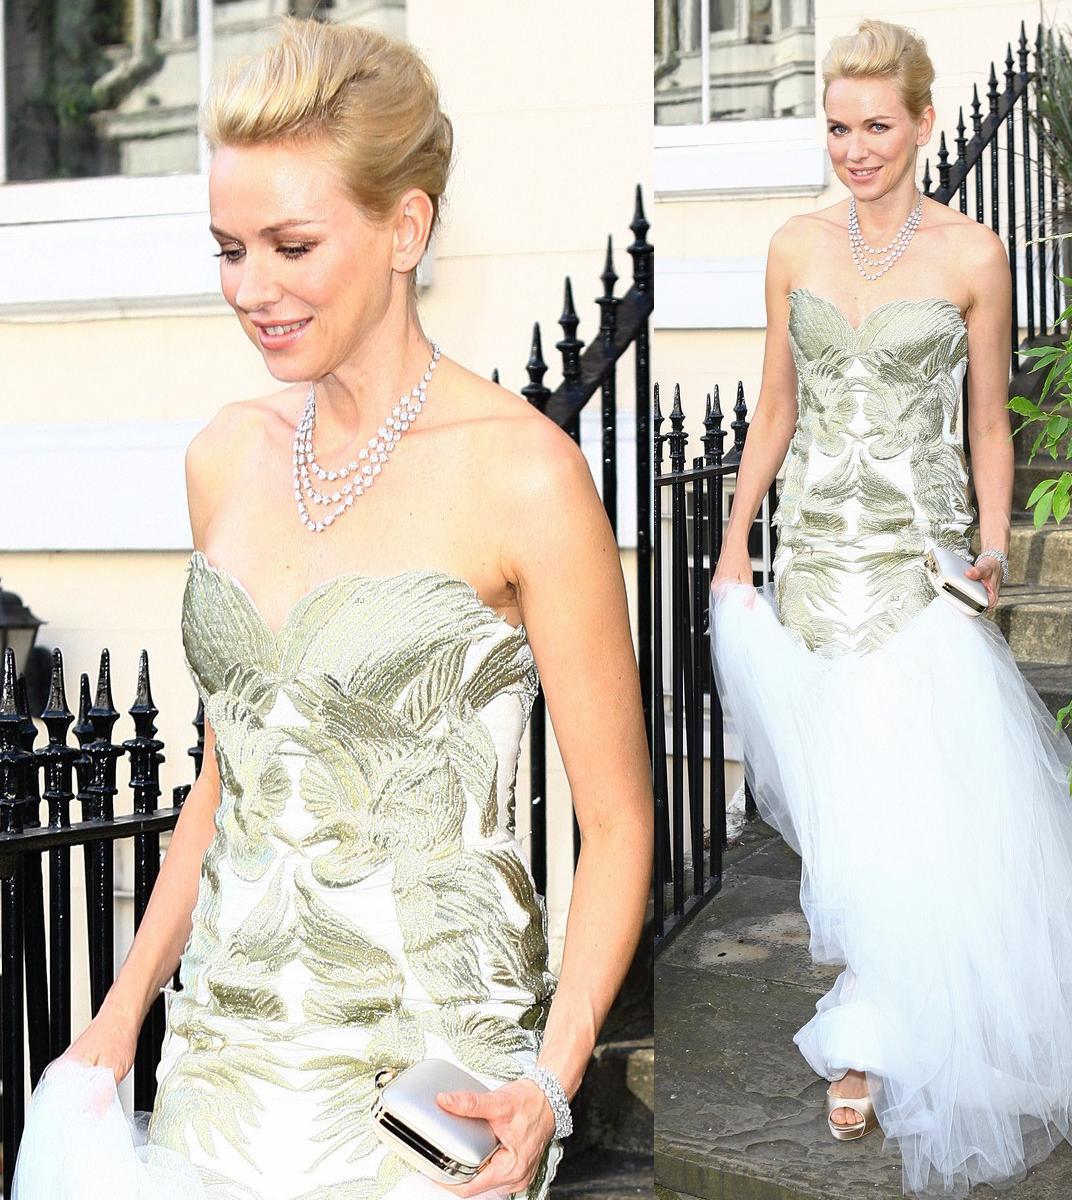 http://3.bp.blogspot.com/-v-hiG5TkZDc/T_A8wHnErgI/AAAAAAAAKxs/LGmvPX-WJ4g/s1600/naomi-watts-white-tie-tiara-ball-london-02.jpg